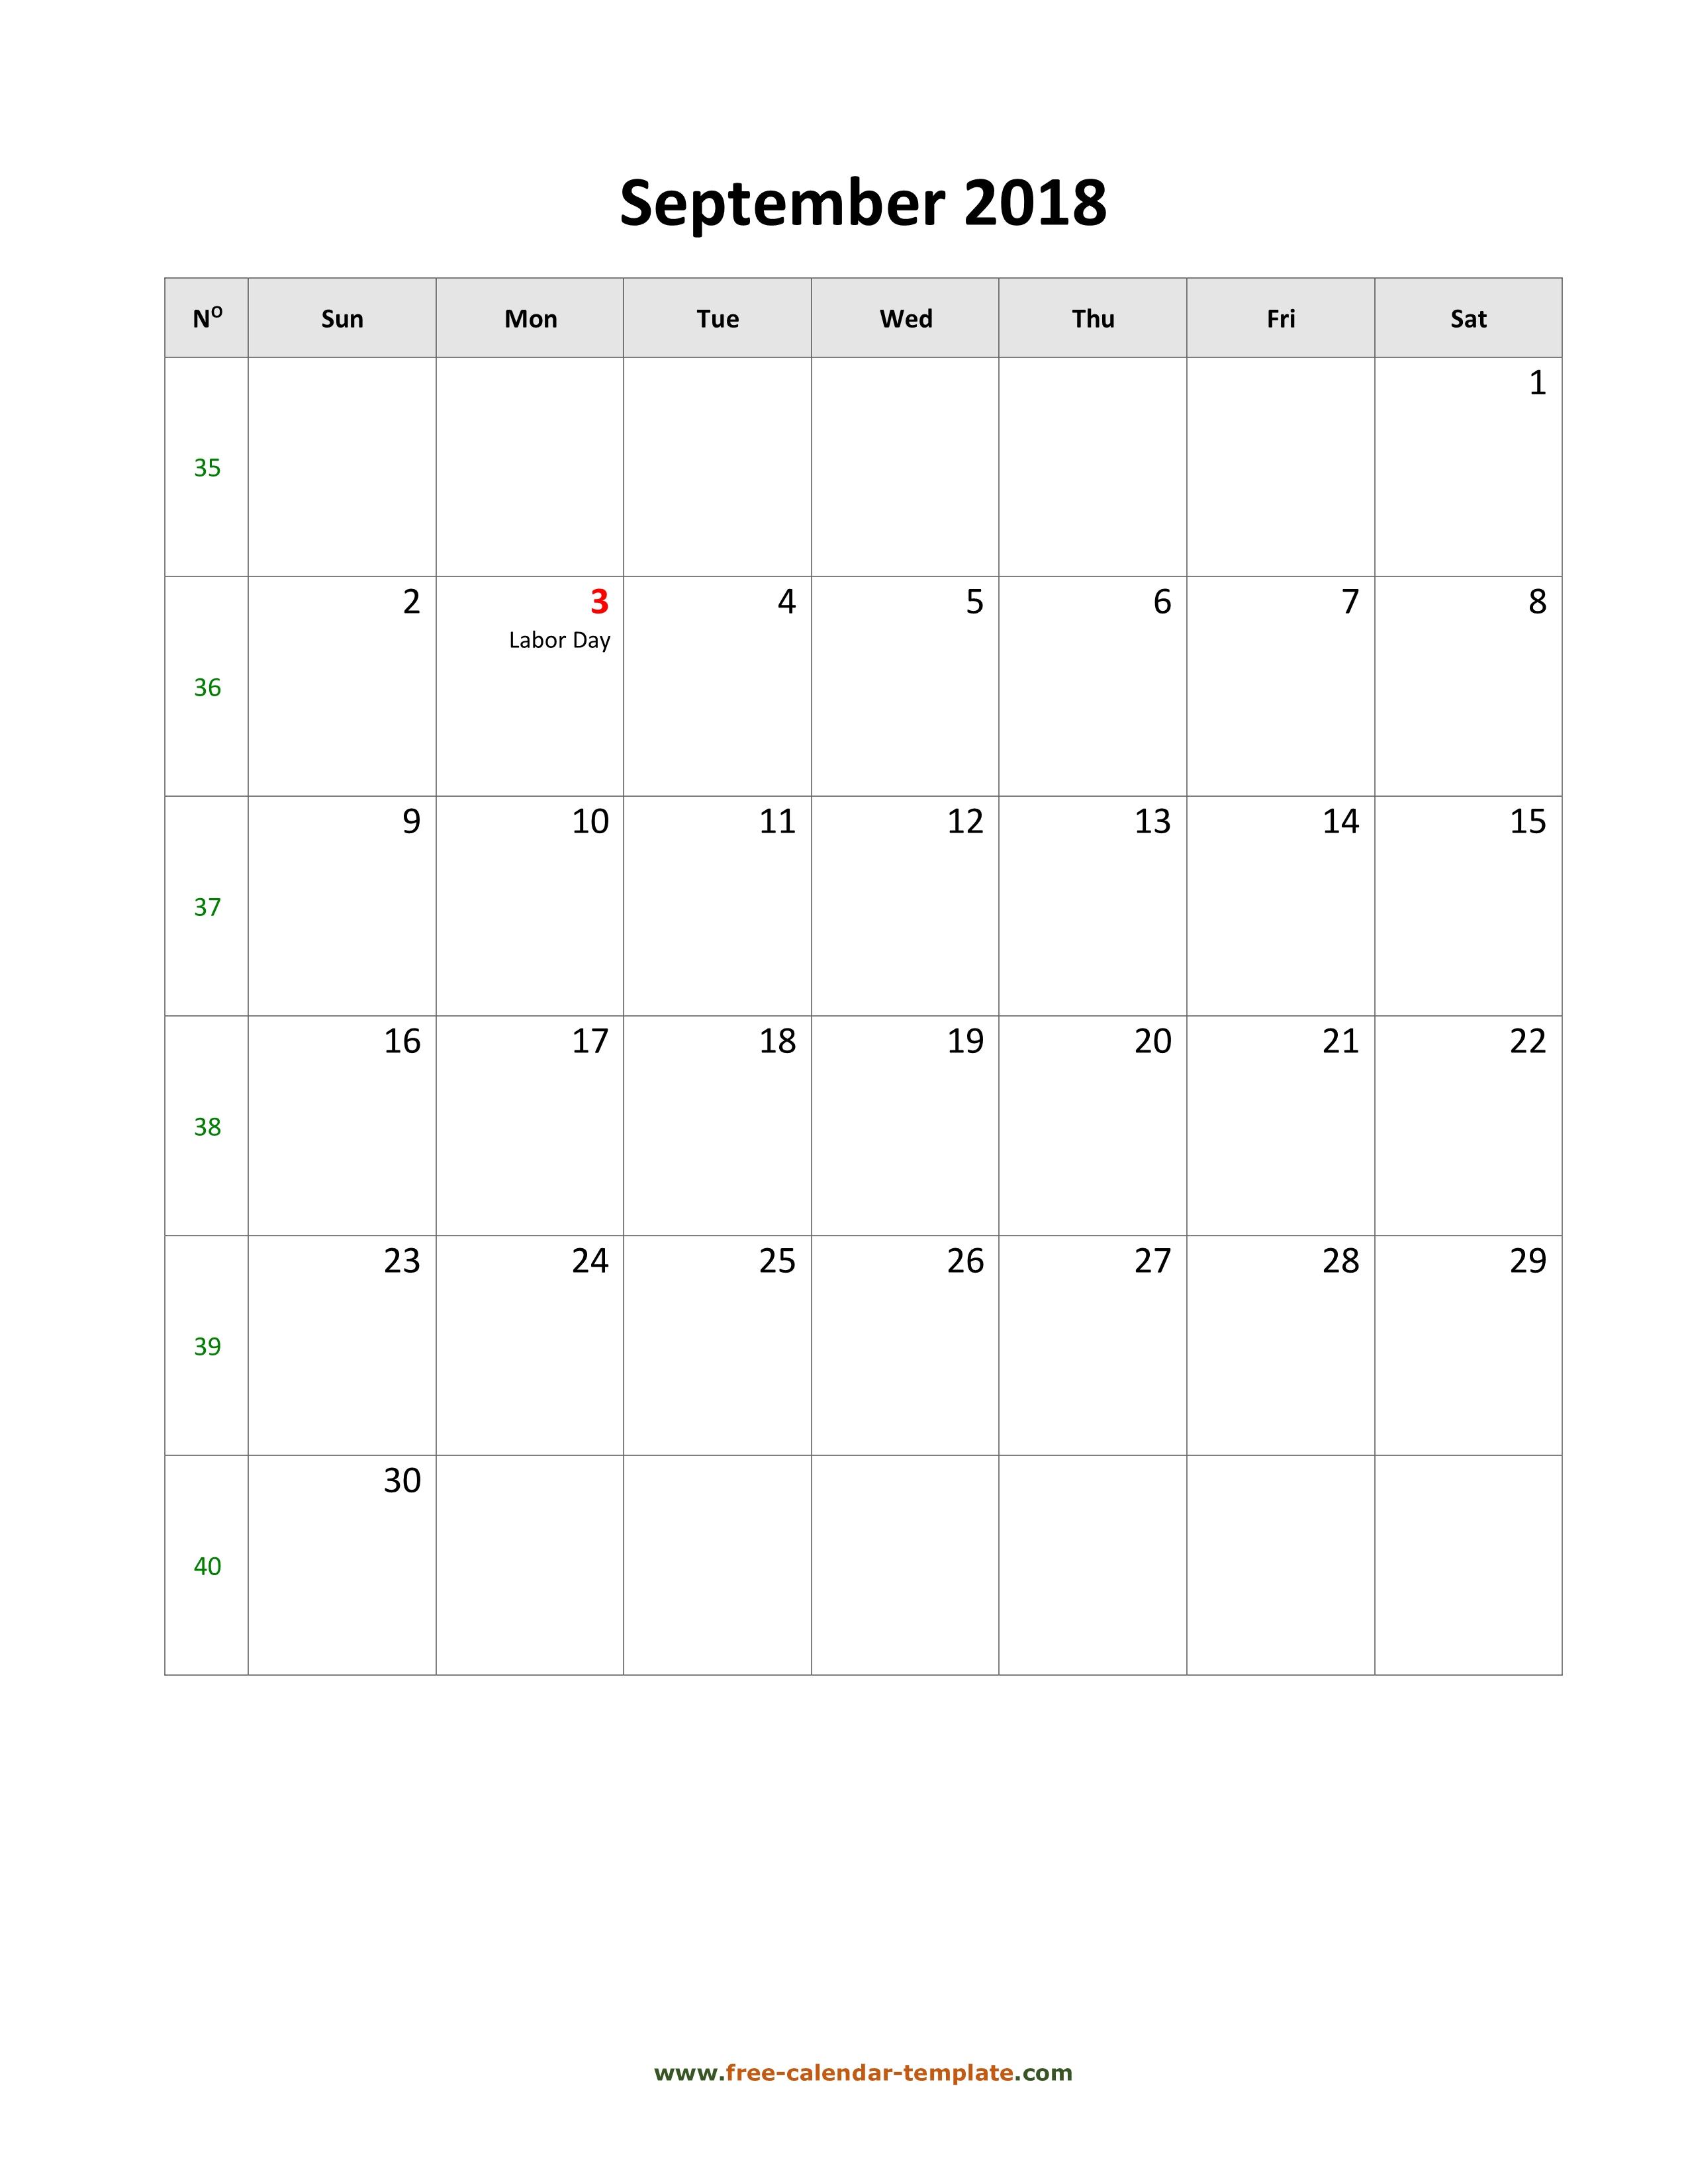 2018 September Calendar (Blank Vertical Template) | Free-Calendar throughout September Calendar Printable Template